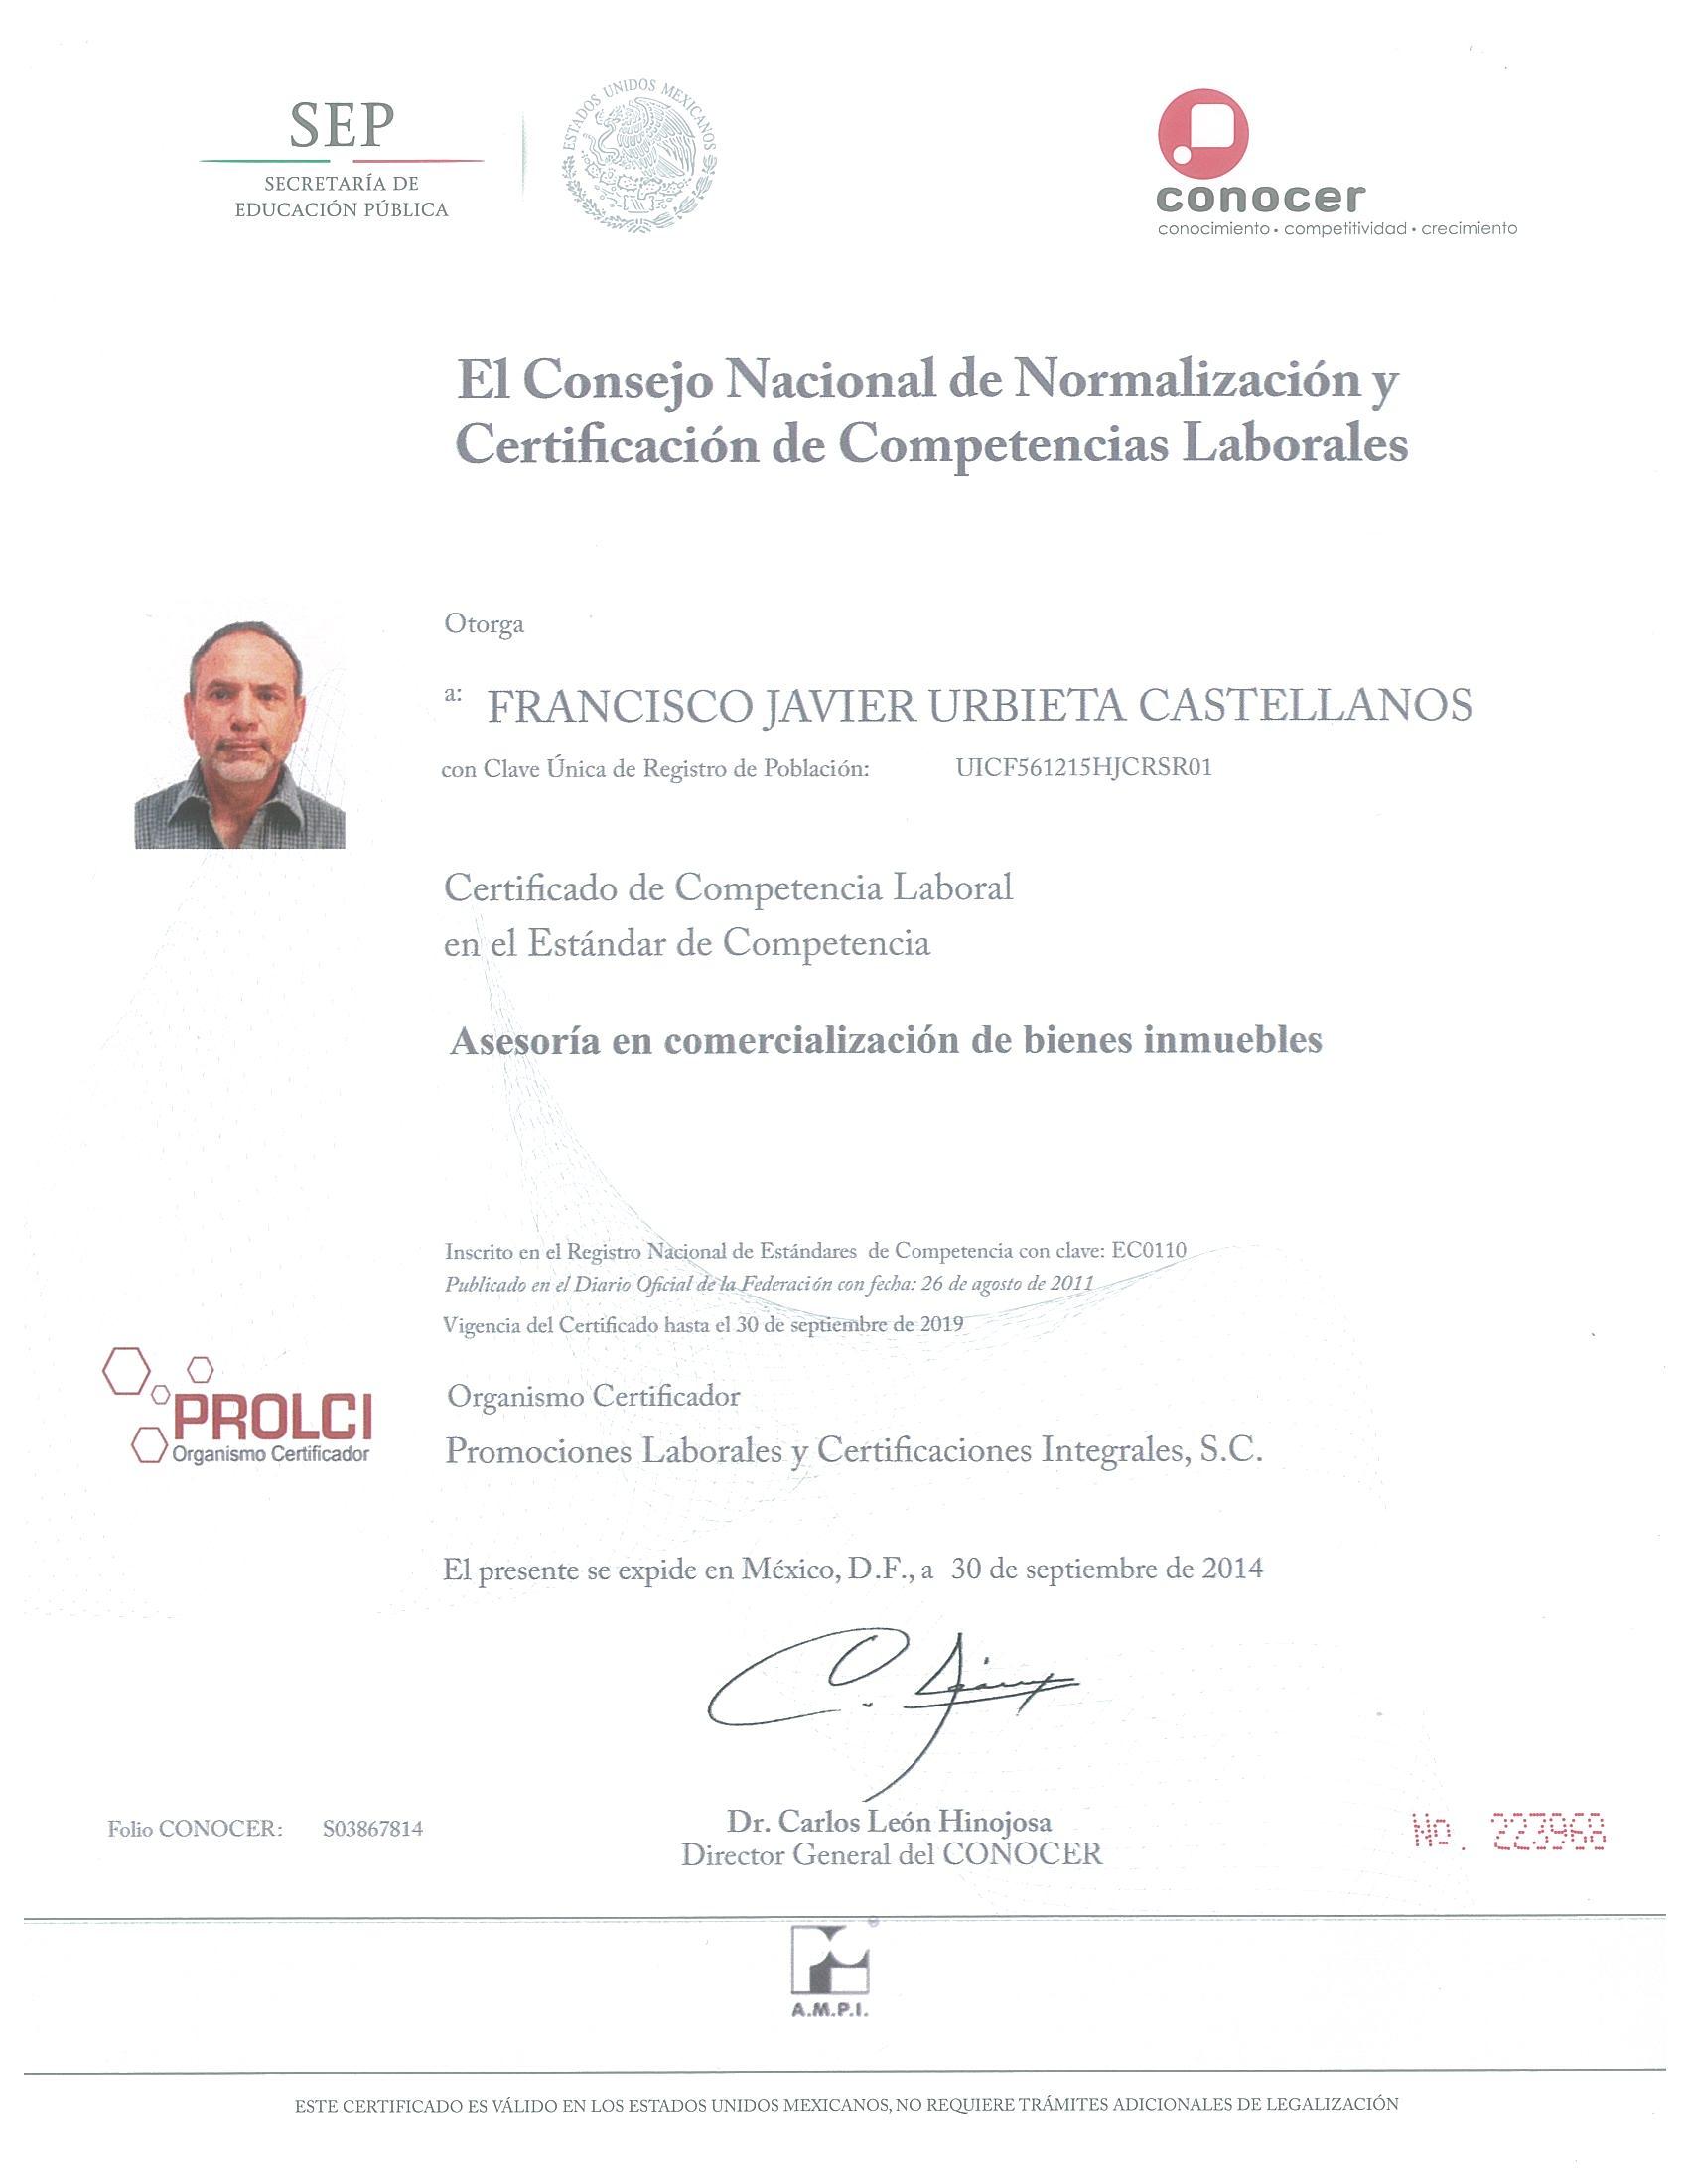 Certificado_Asesor_Inmobiliario.jpg